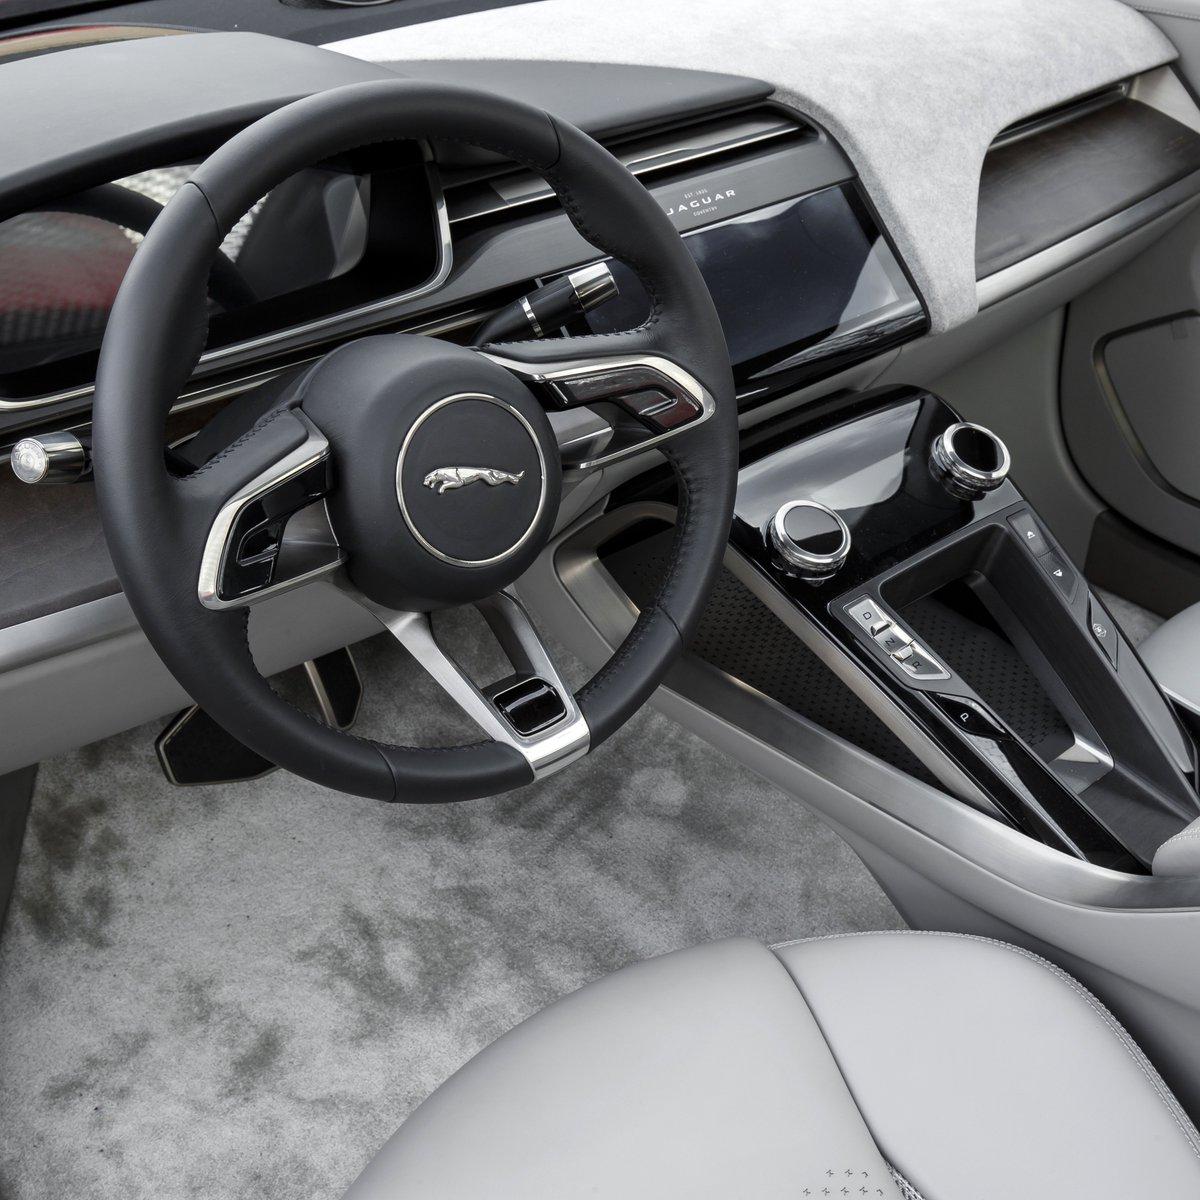 Jaguar Cx17 Release Date: Jaguar (@Jaguar)